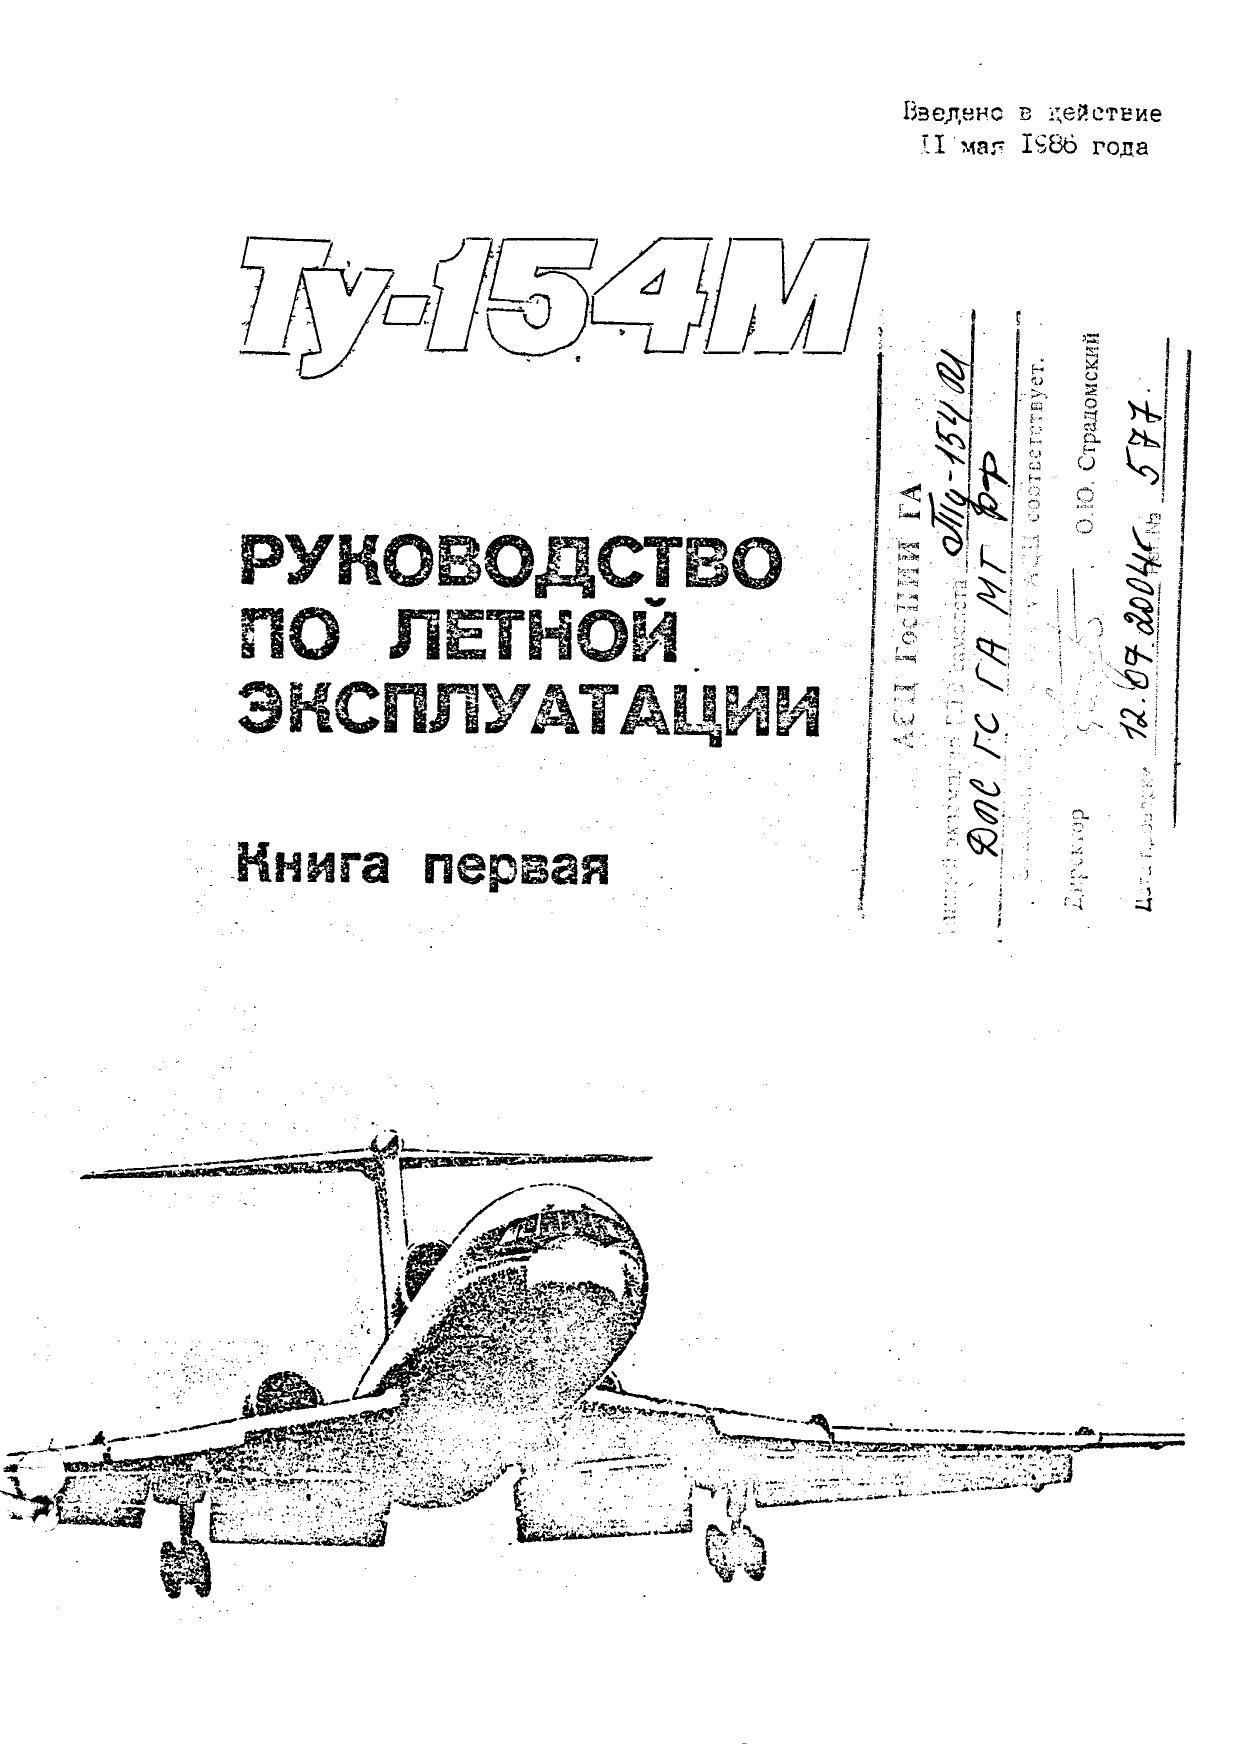 Ту-154М Руководство по летной эксплуатации.